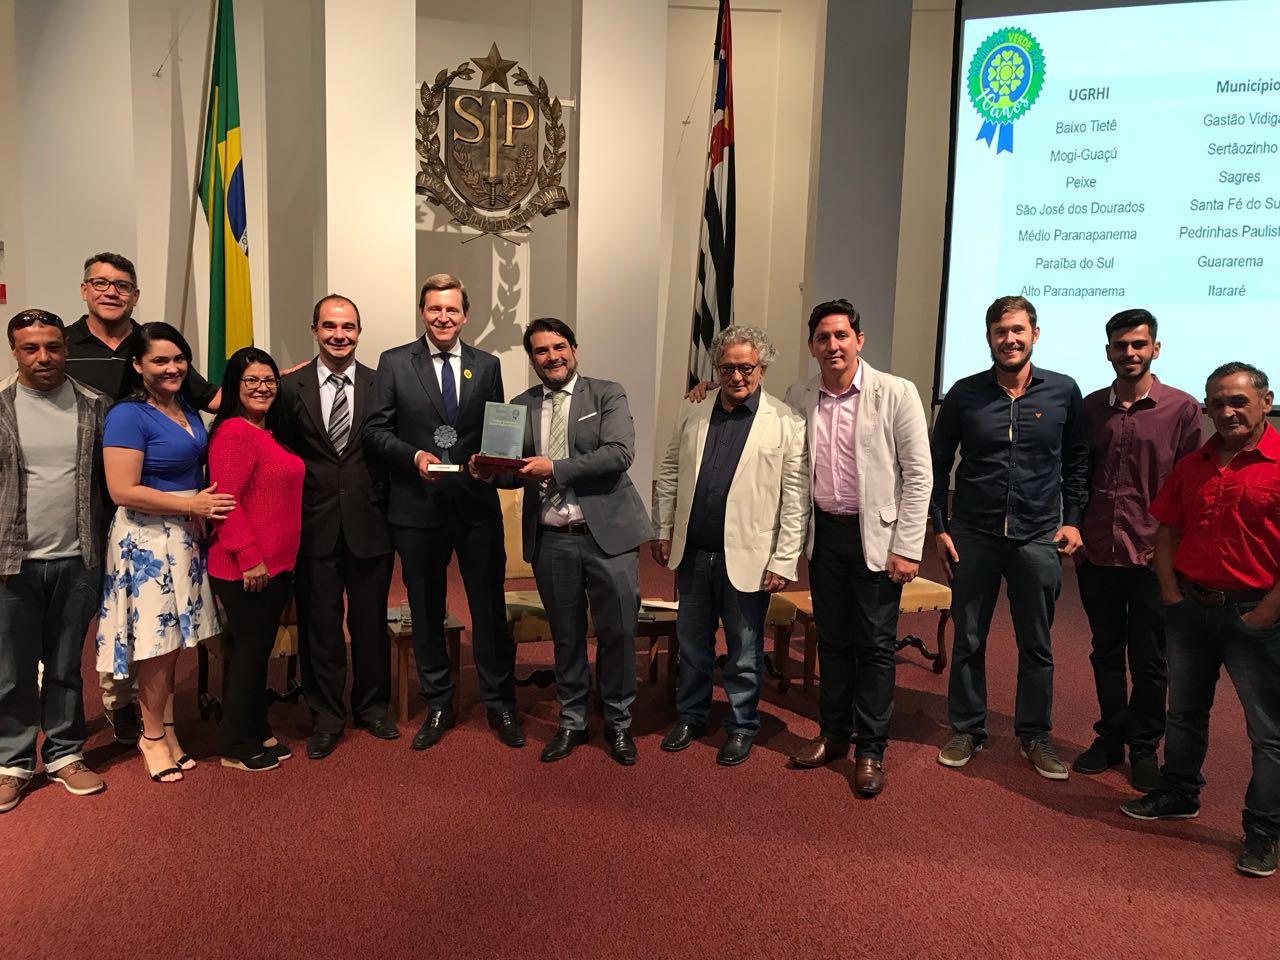 De 36 cidades, Itararé (SP) é eleita a melhor na área ambiental